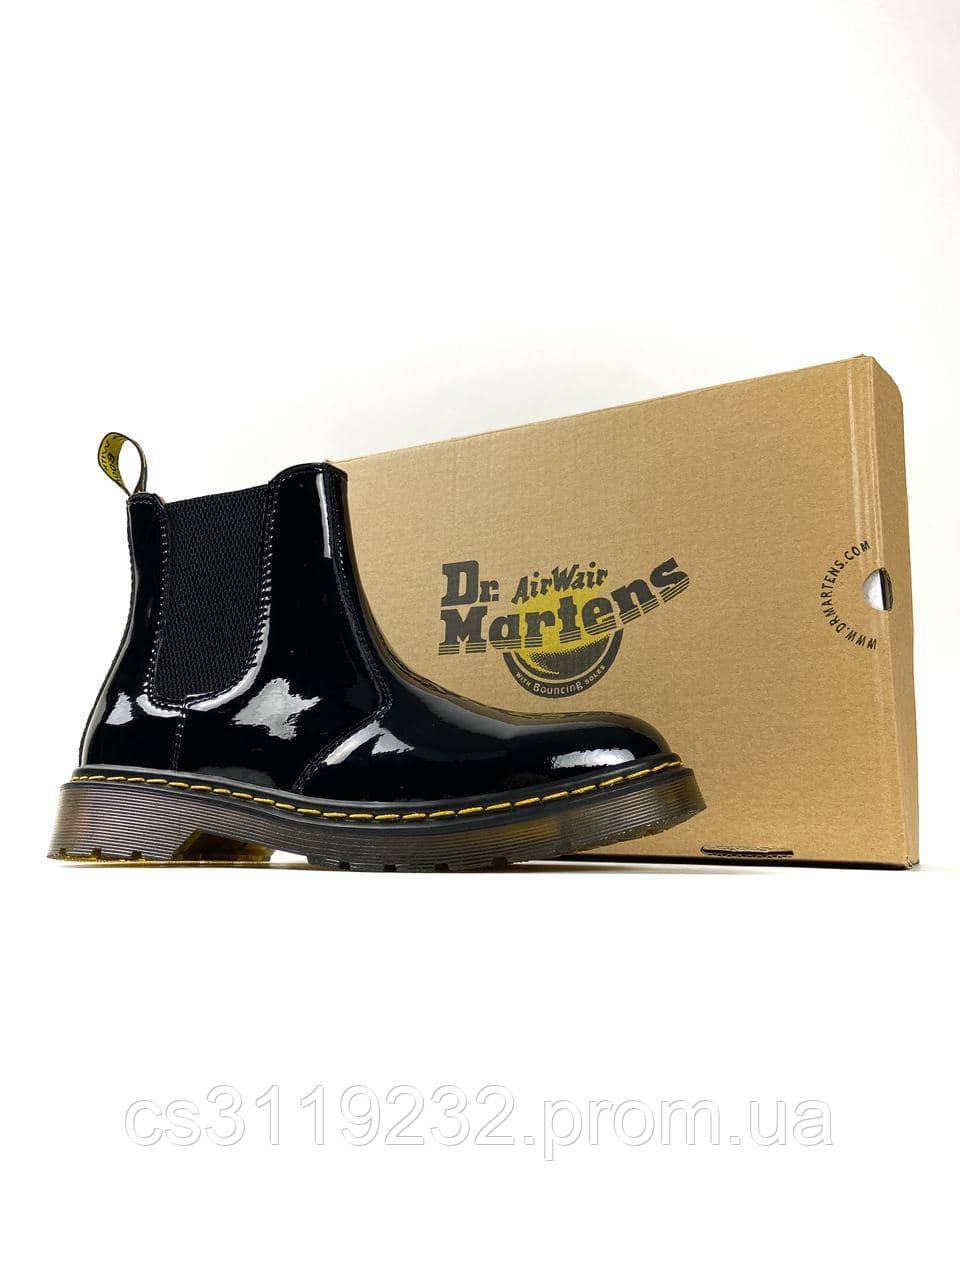 Женские ботинки зимние Dr.Martens Сhelsea Patent Black (Термо) (черный)